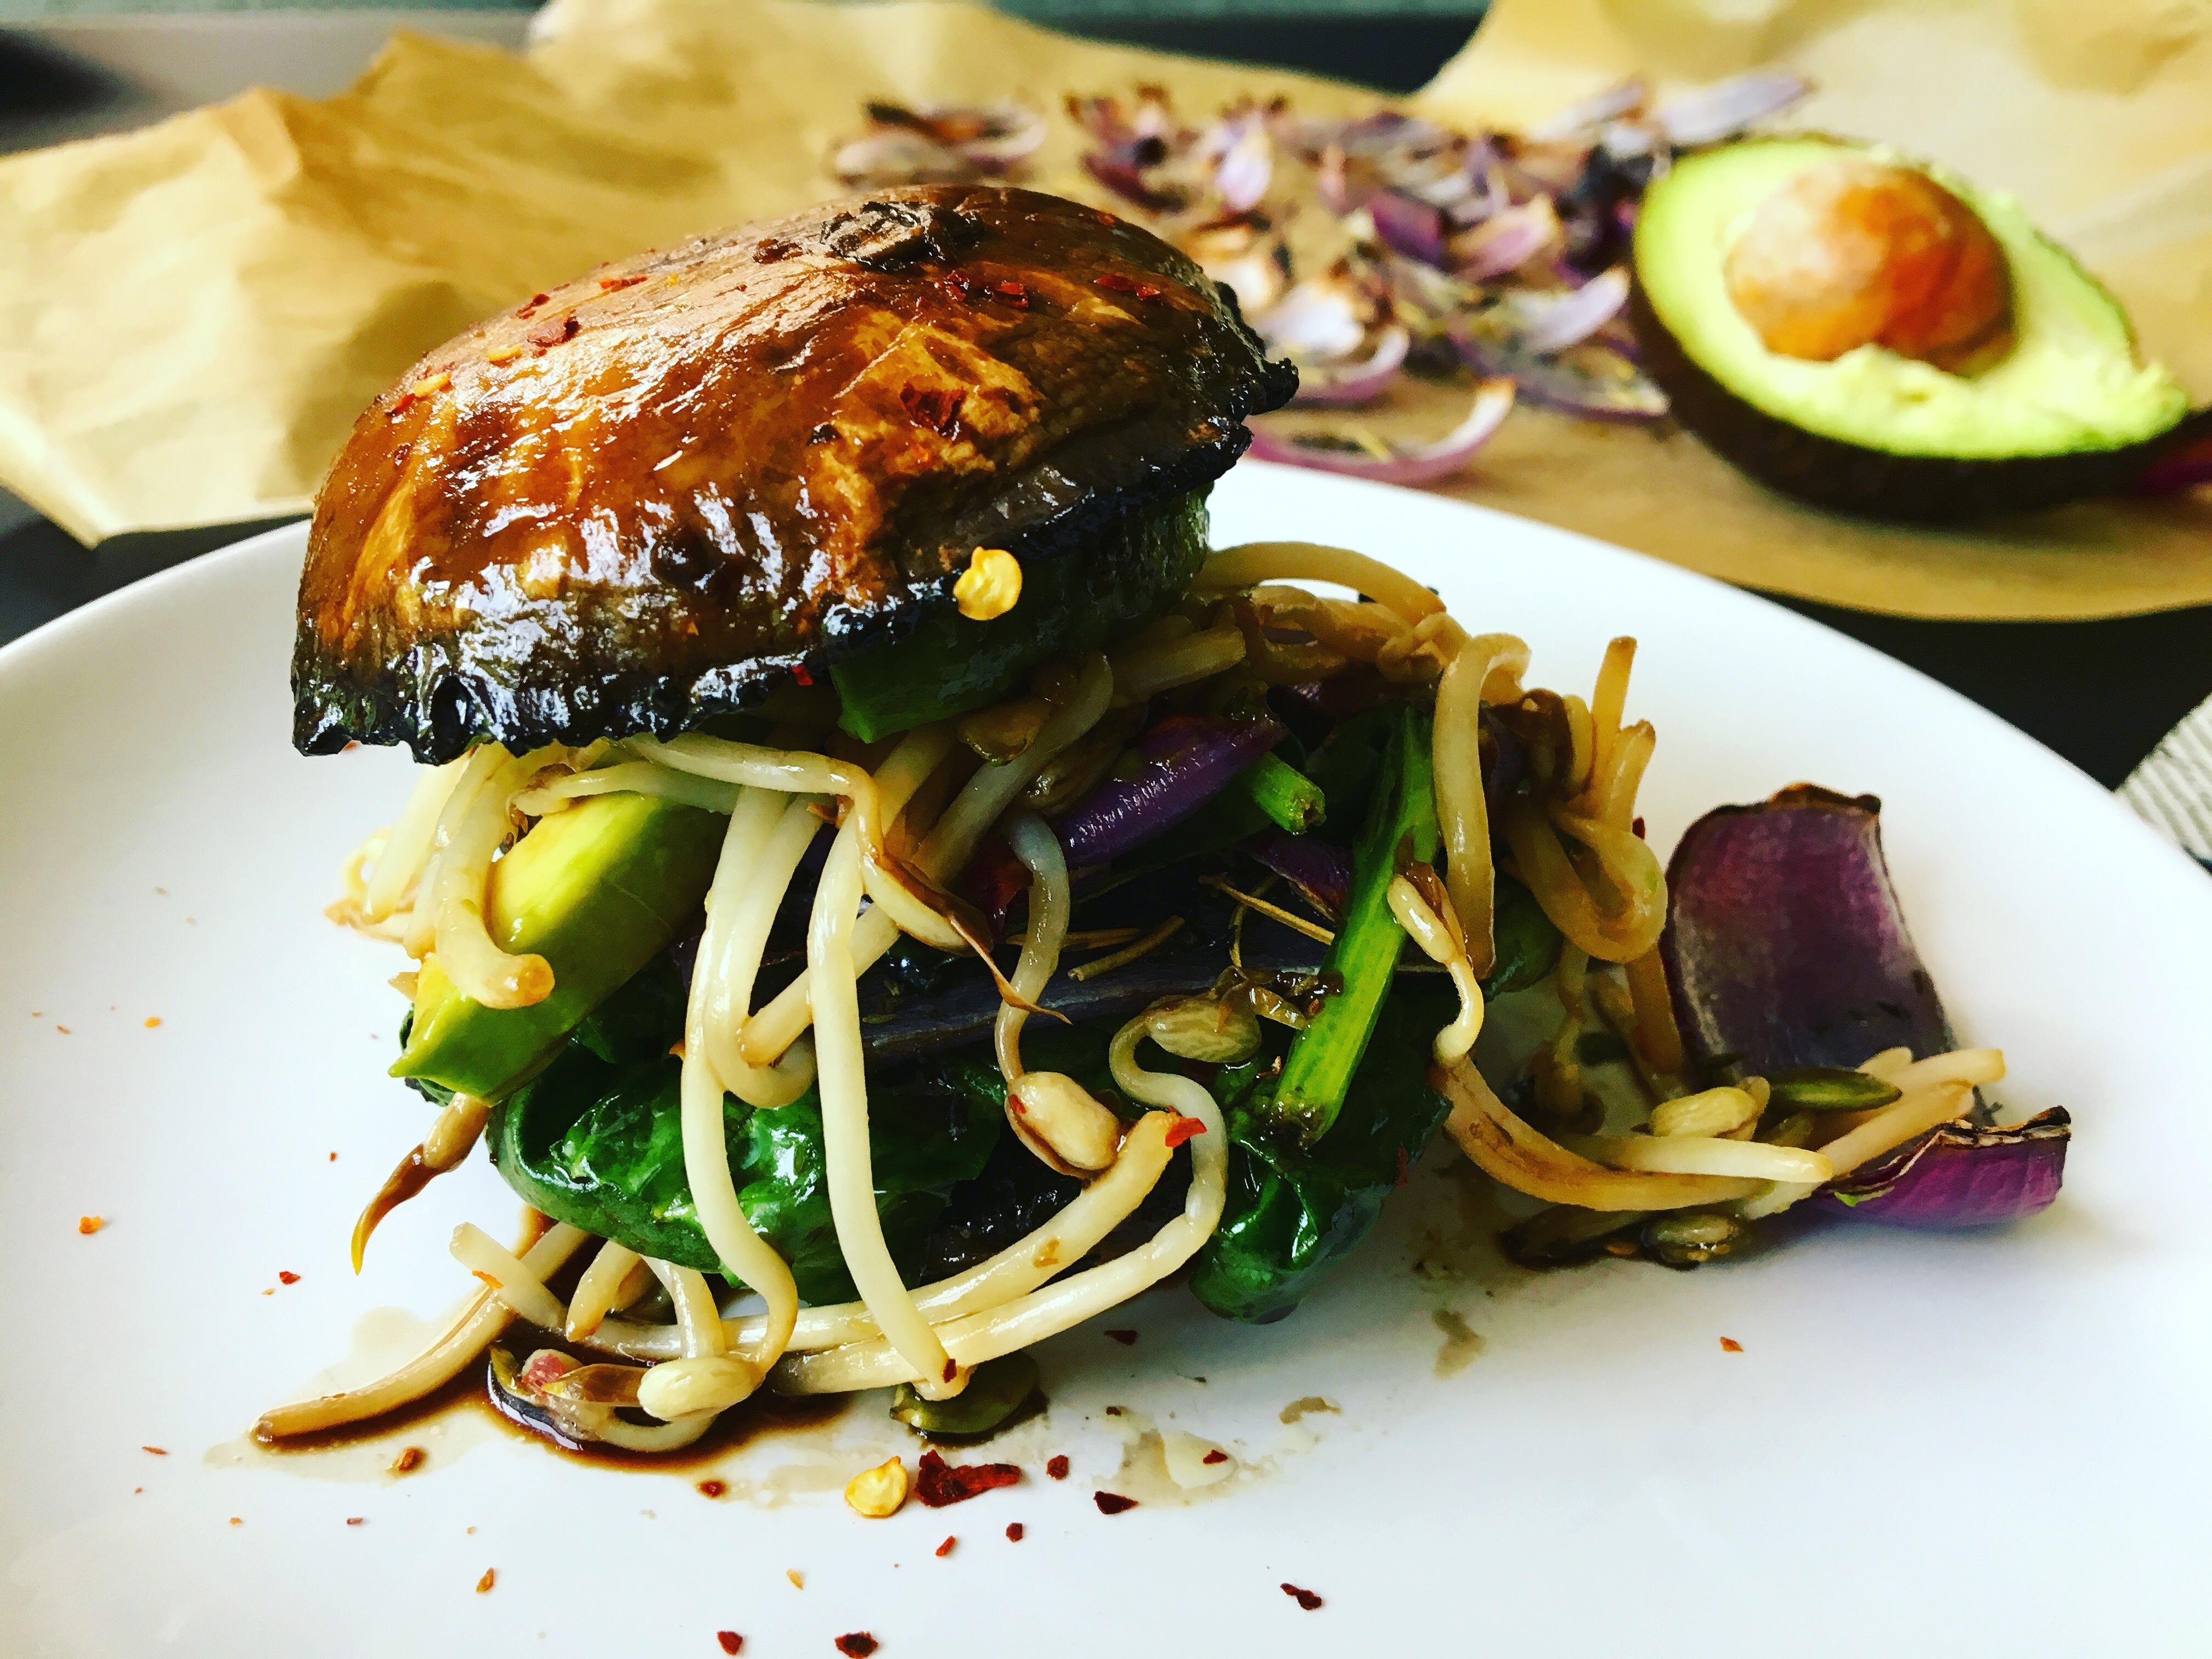 Burger portobello avec pousses de soja, avocat, oignons rouges rôtis au four, sauce balsamique tamari